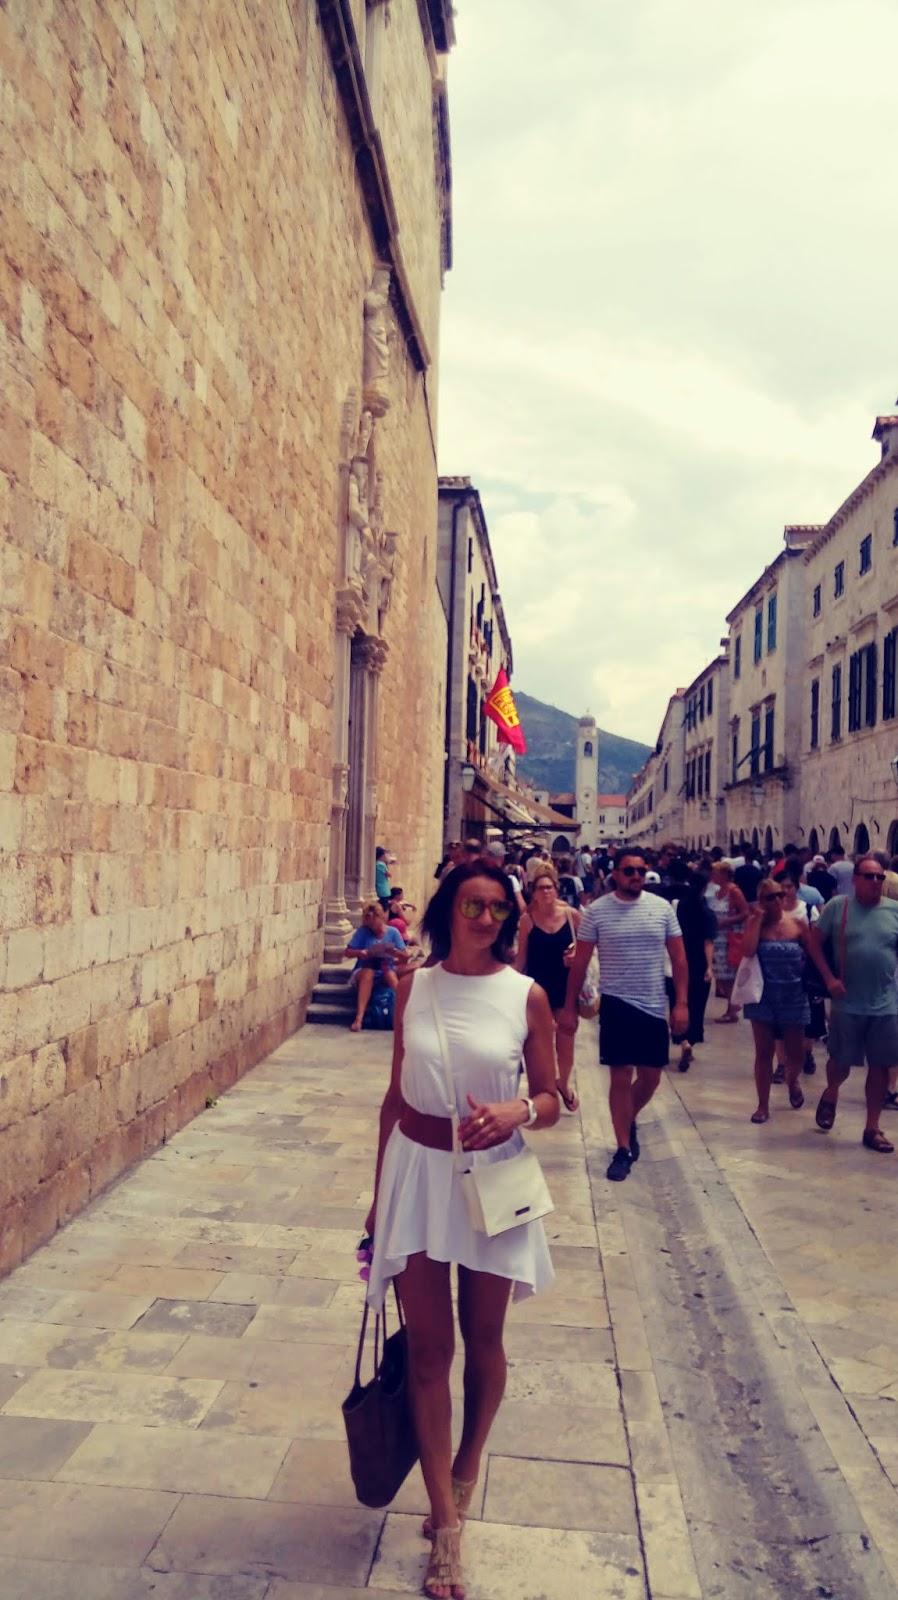 modne letnie stylizacje na wakacje, chorwackie zabytki